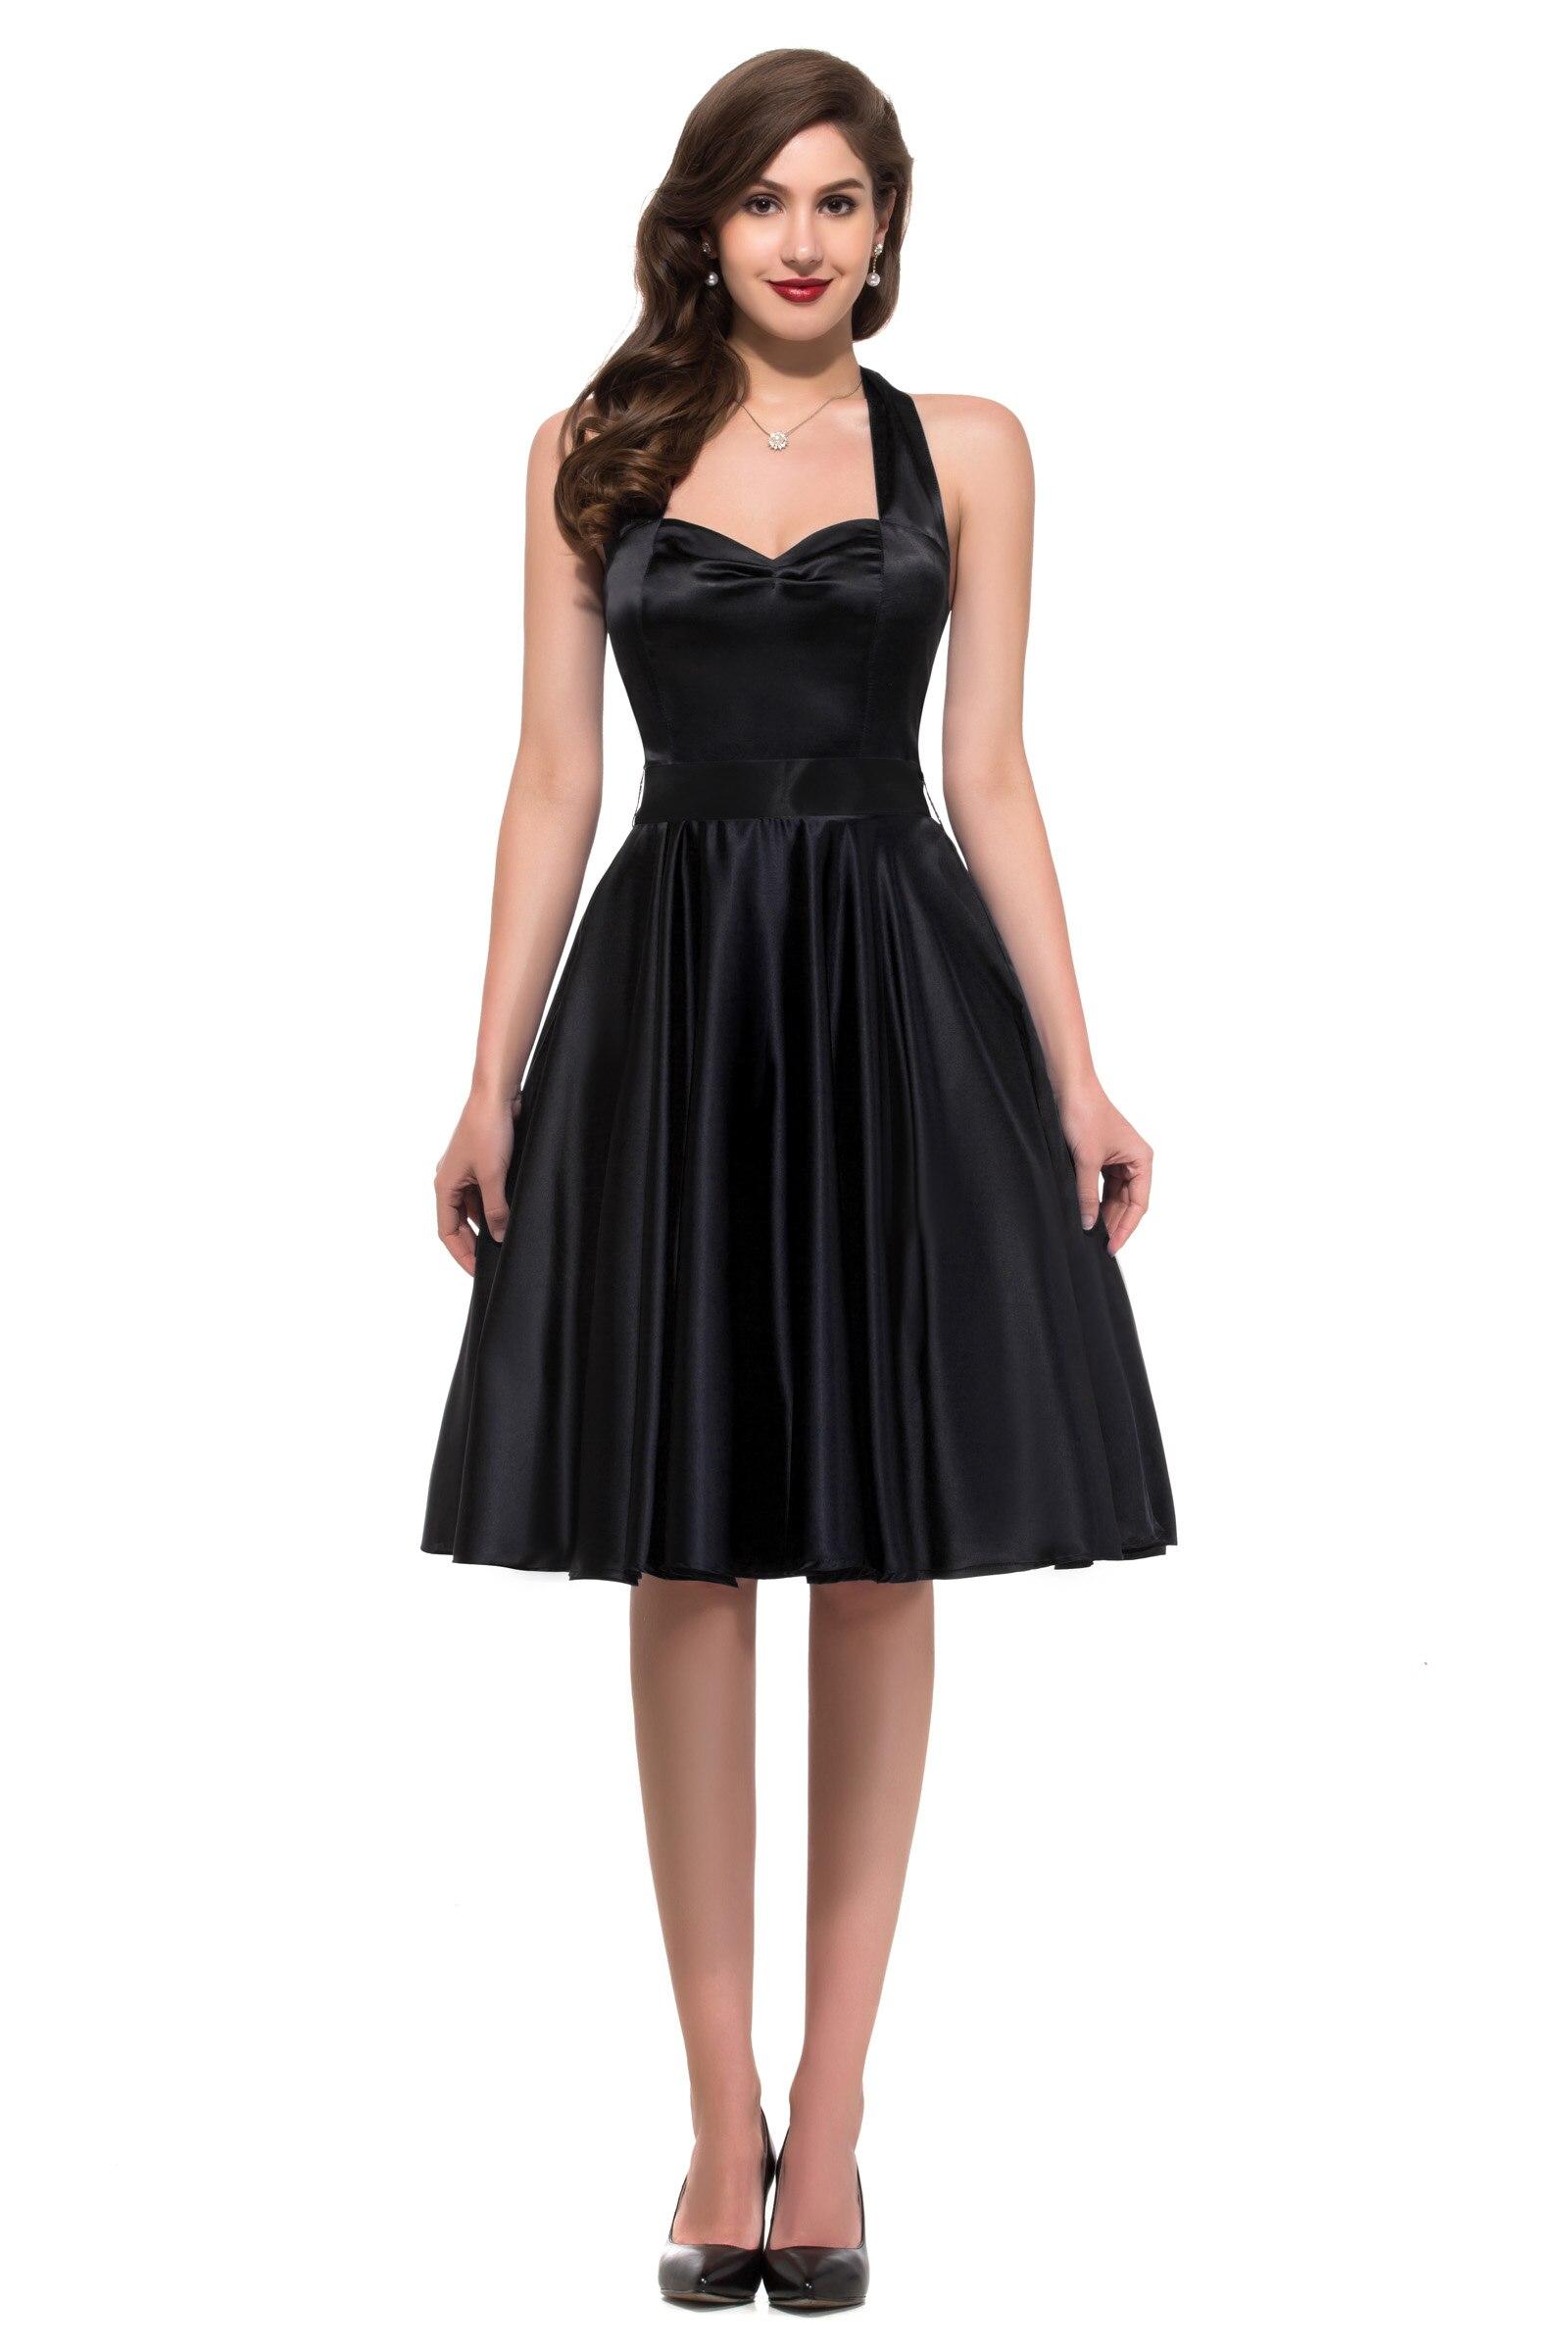 9902699d7b Compra kim kardashian vintage y disfruta del envío gratuito en  AliExpress.com